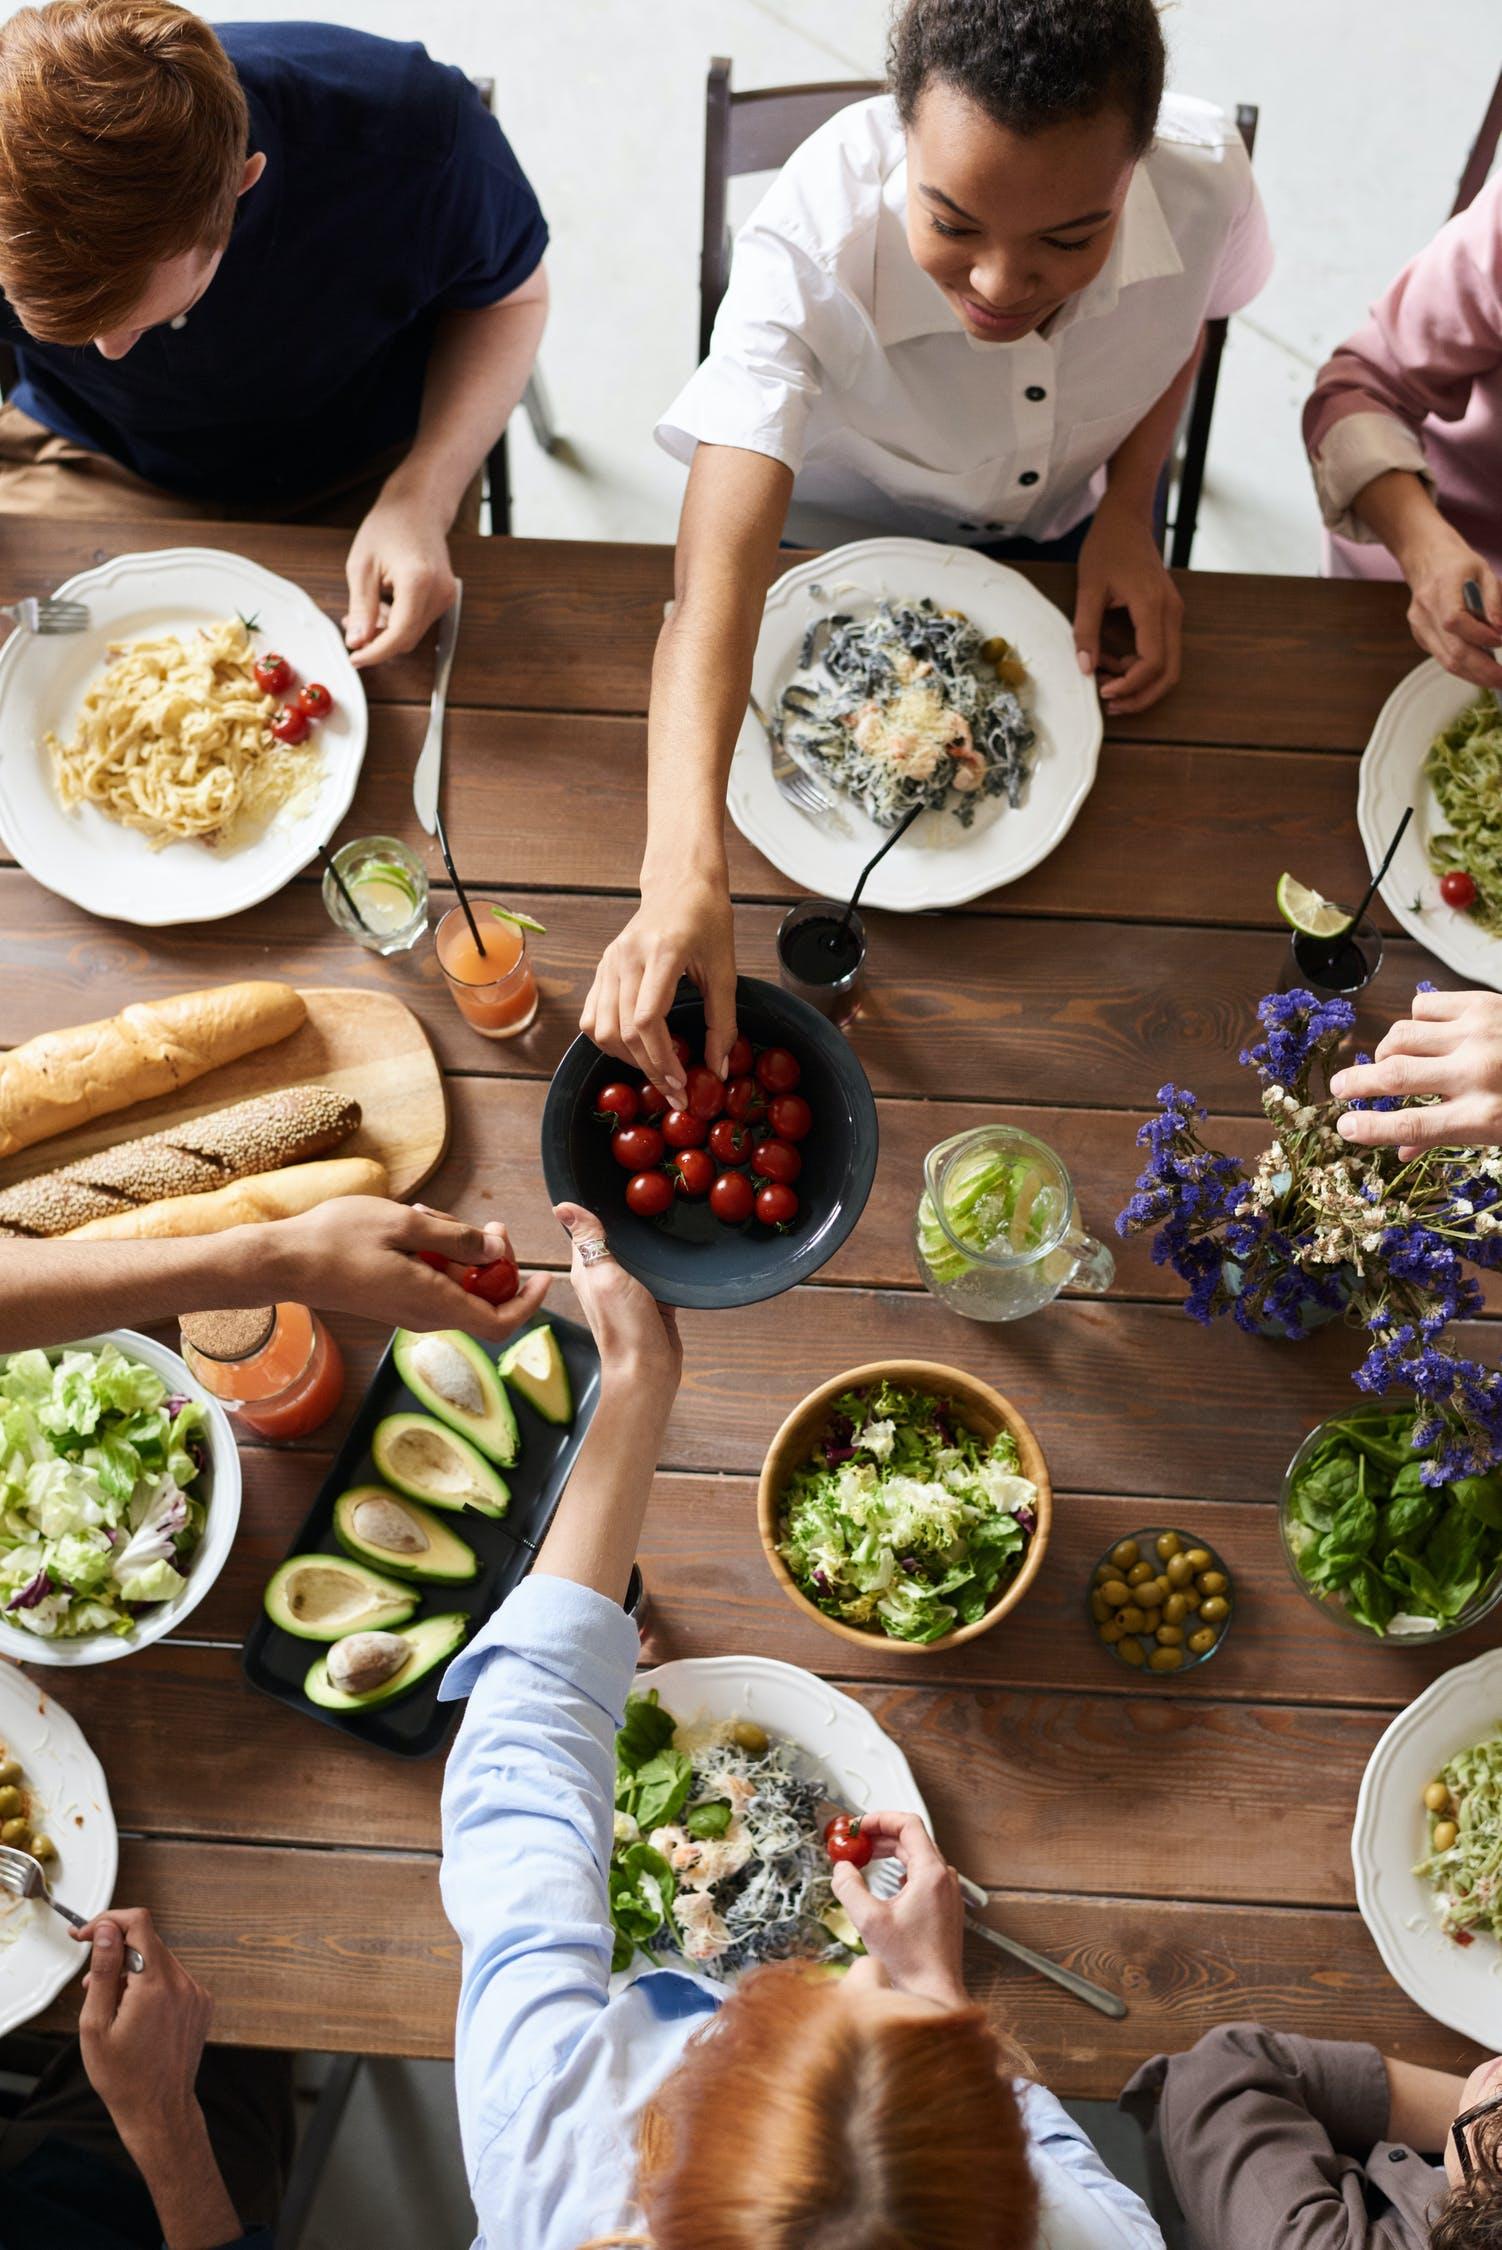 ser delgada sin hacer dieta